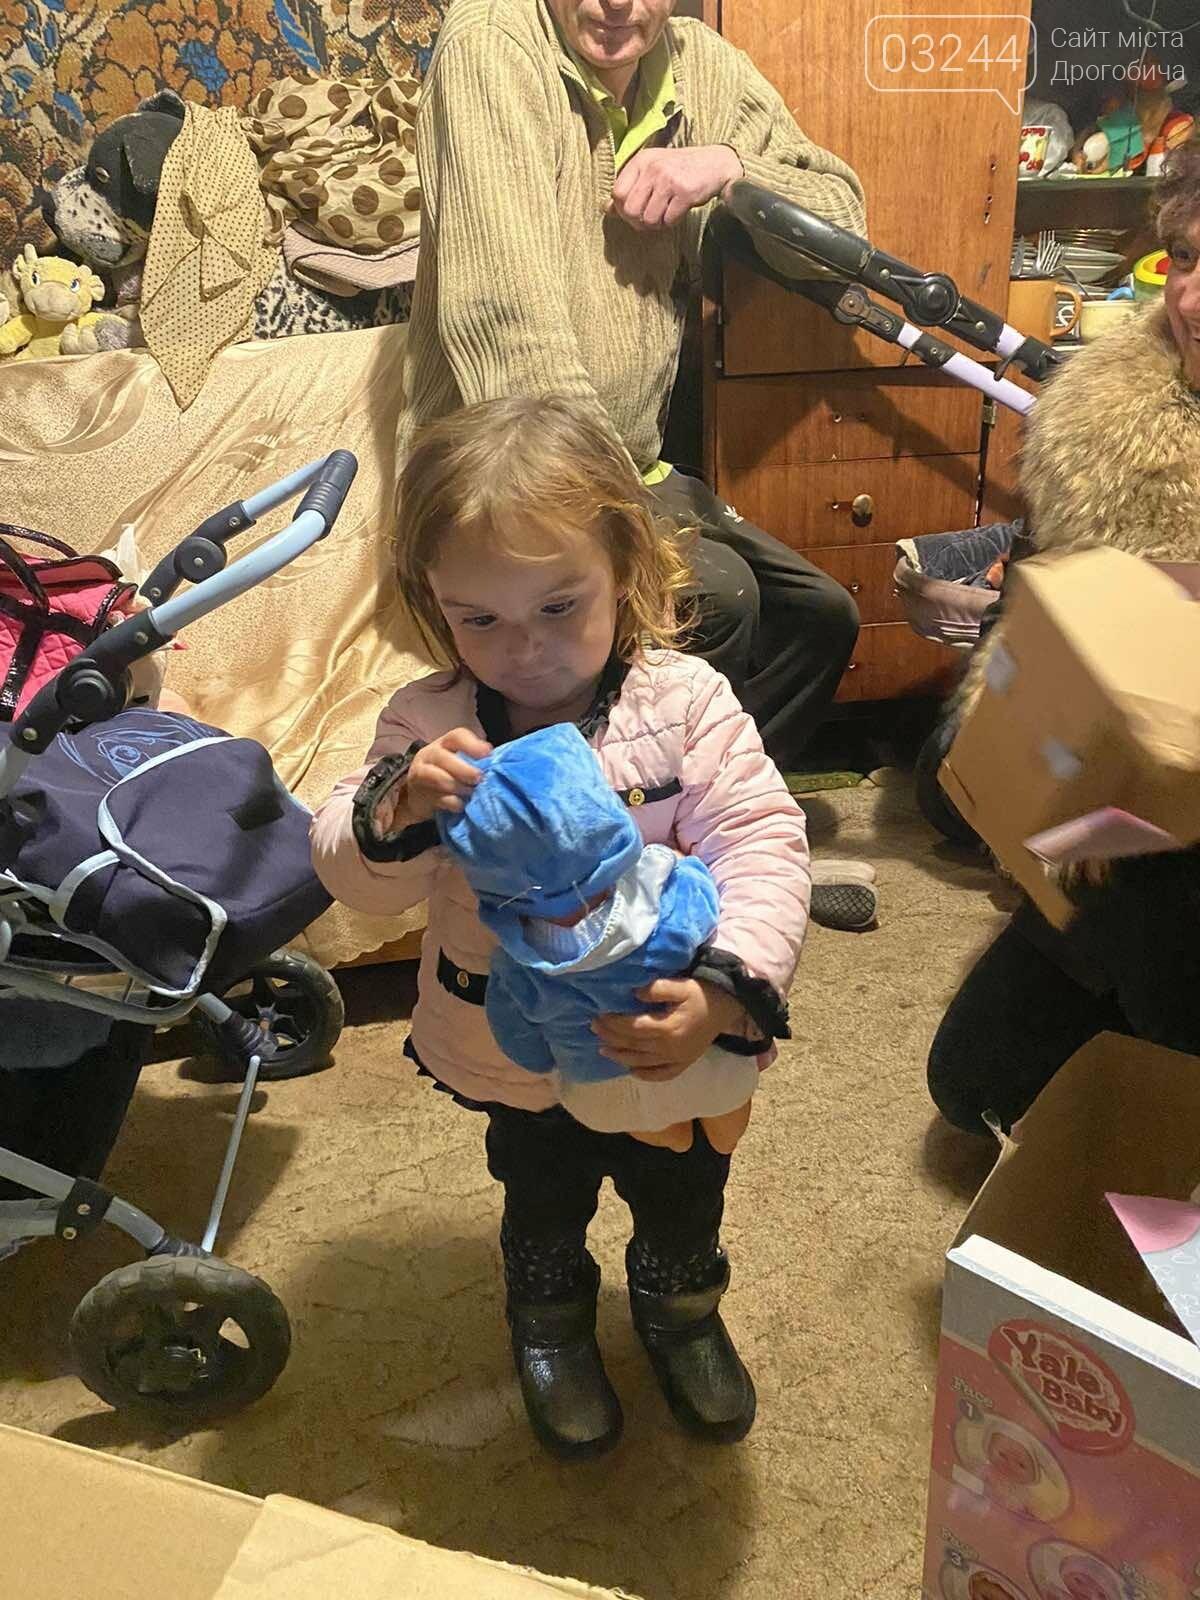 «Є сім'ї, які потребують не дорогих телефонів, а їжі та одягу», - Катя Максимова про благочинну акцію для потребуючих родин, фото-12